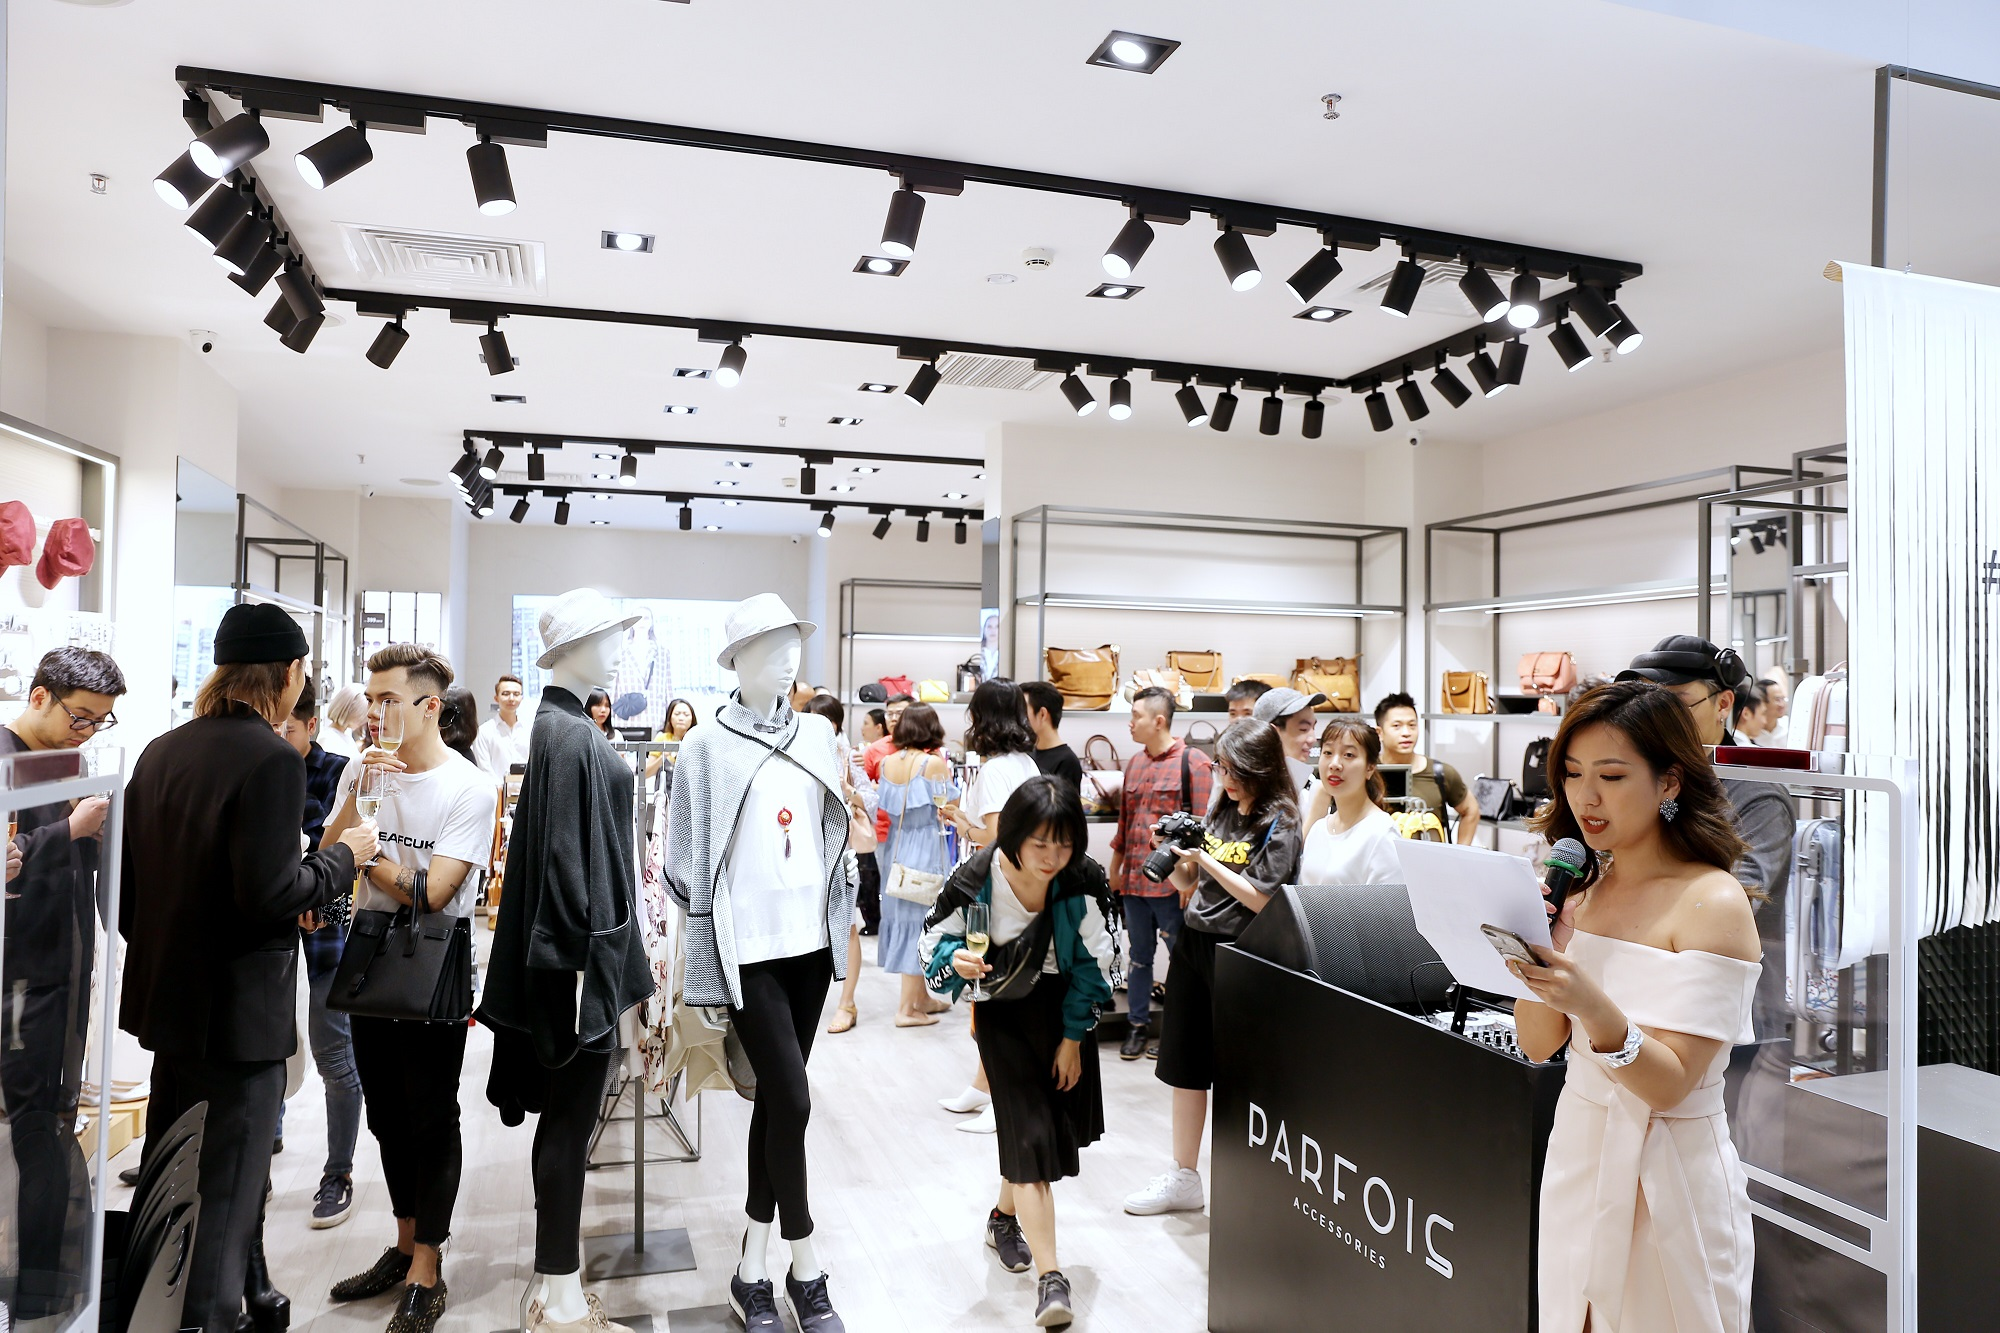 Châu Bùi, Phí Phương Anh cùng đông đảo tín đồ thời trang hội tụ tại cửa hàng phụ kiện đầu tiên của PARFOIS - Ảnh 9.